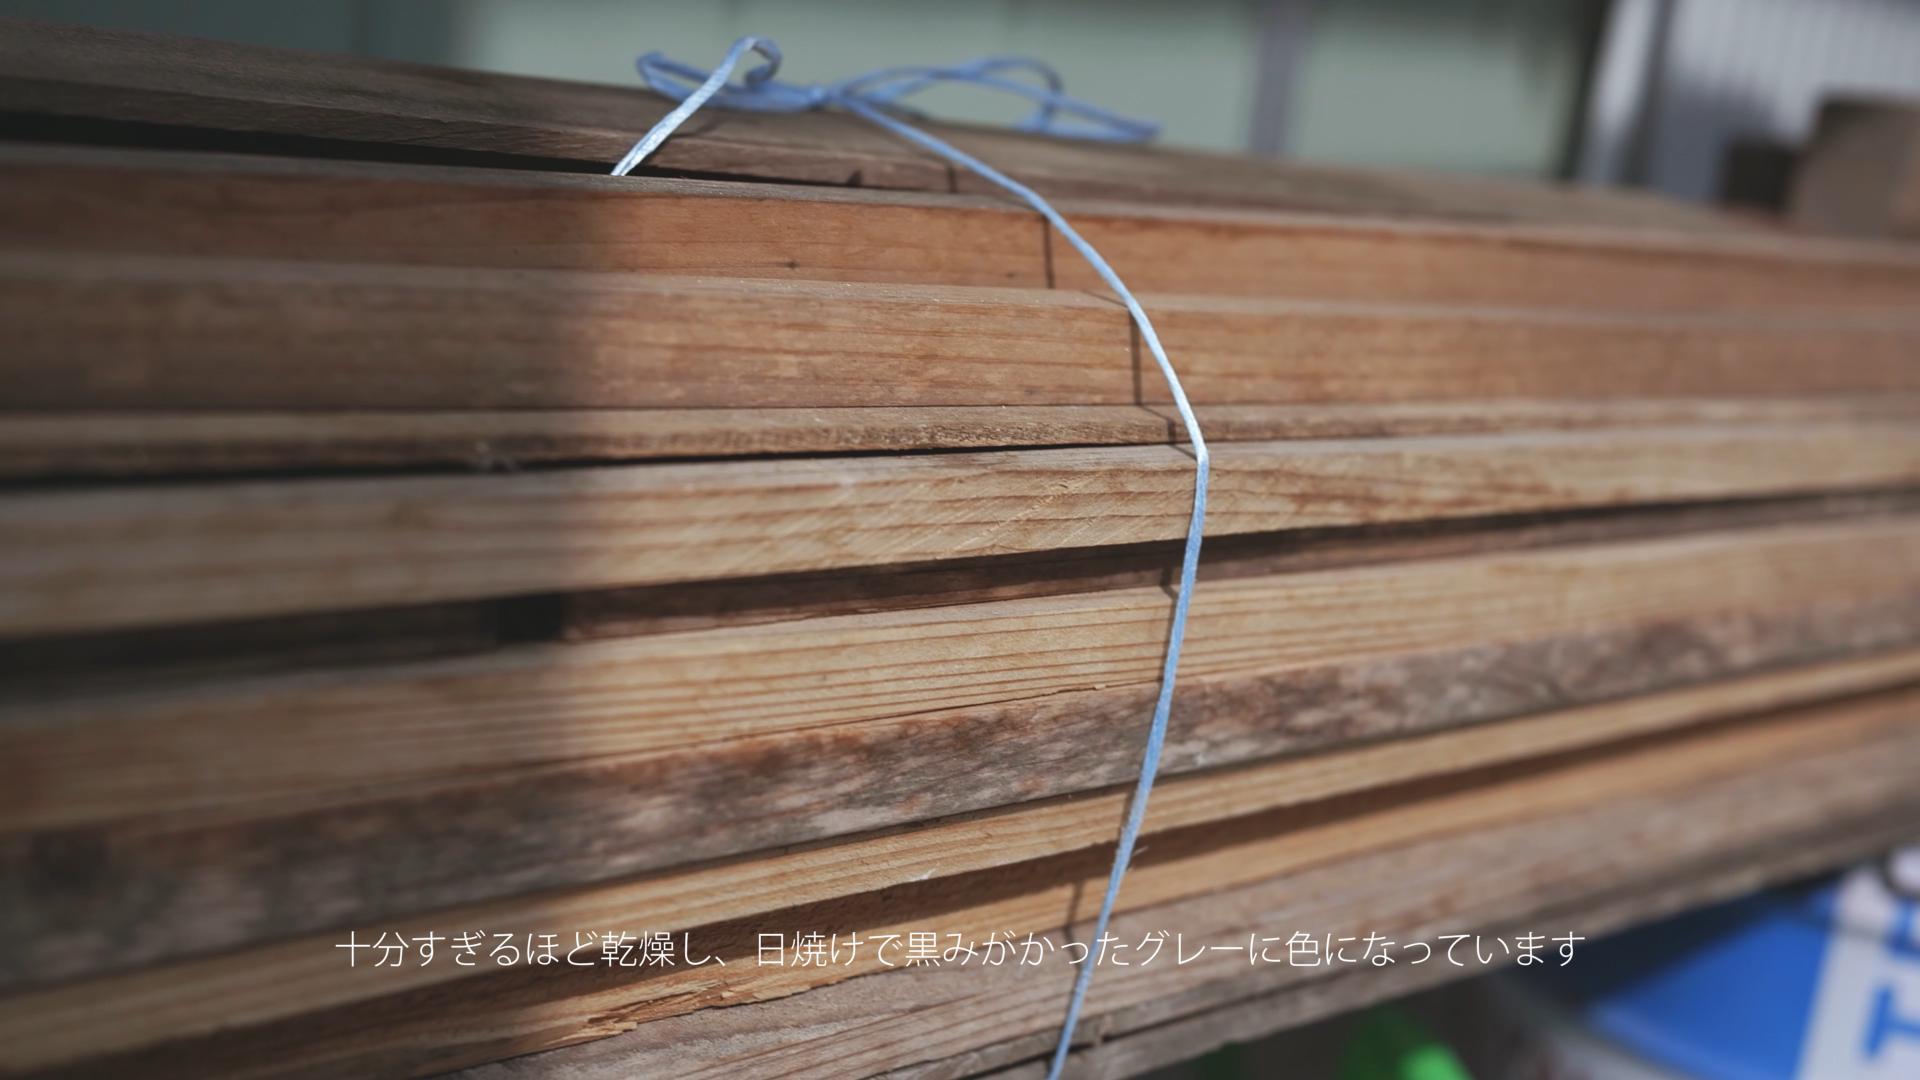 長期間、軒先に放置した木材はしっかり乾燥し味わいある古材に